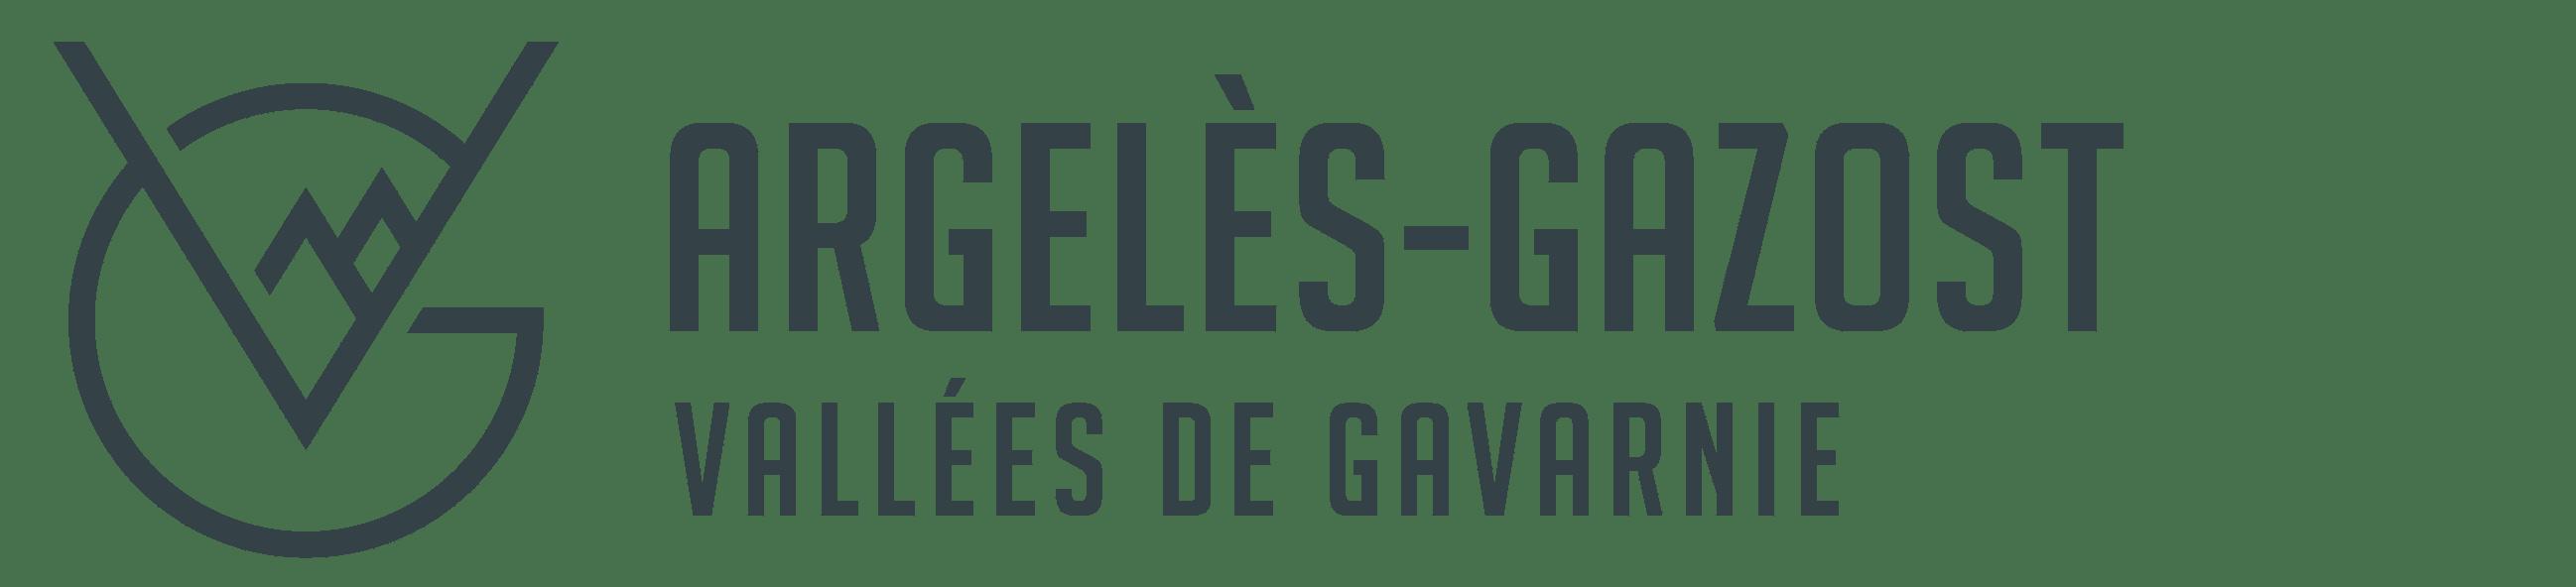 Vallées de Gavarnie tourisme